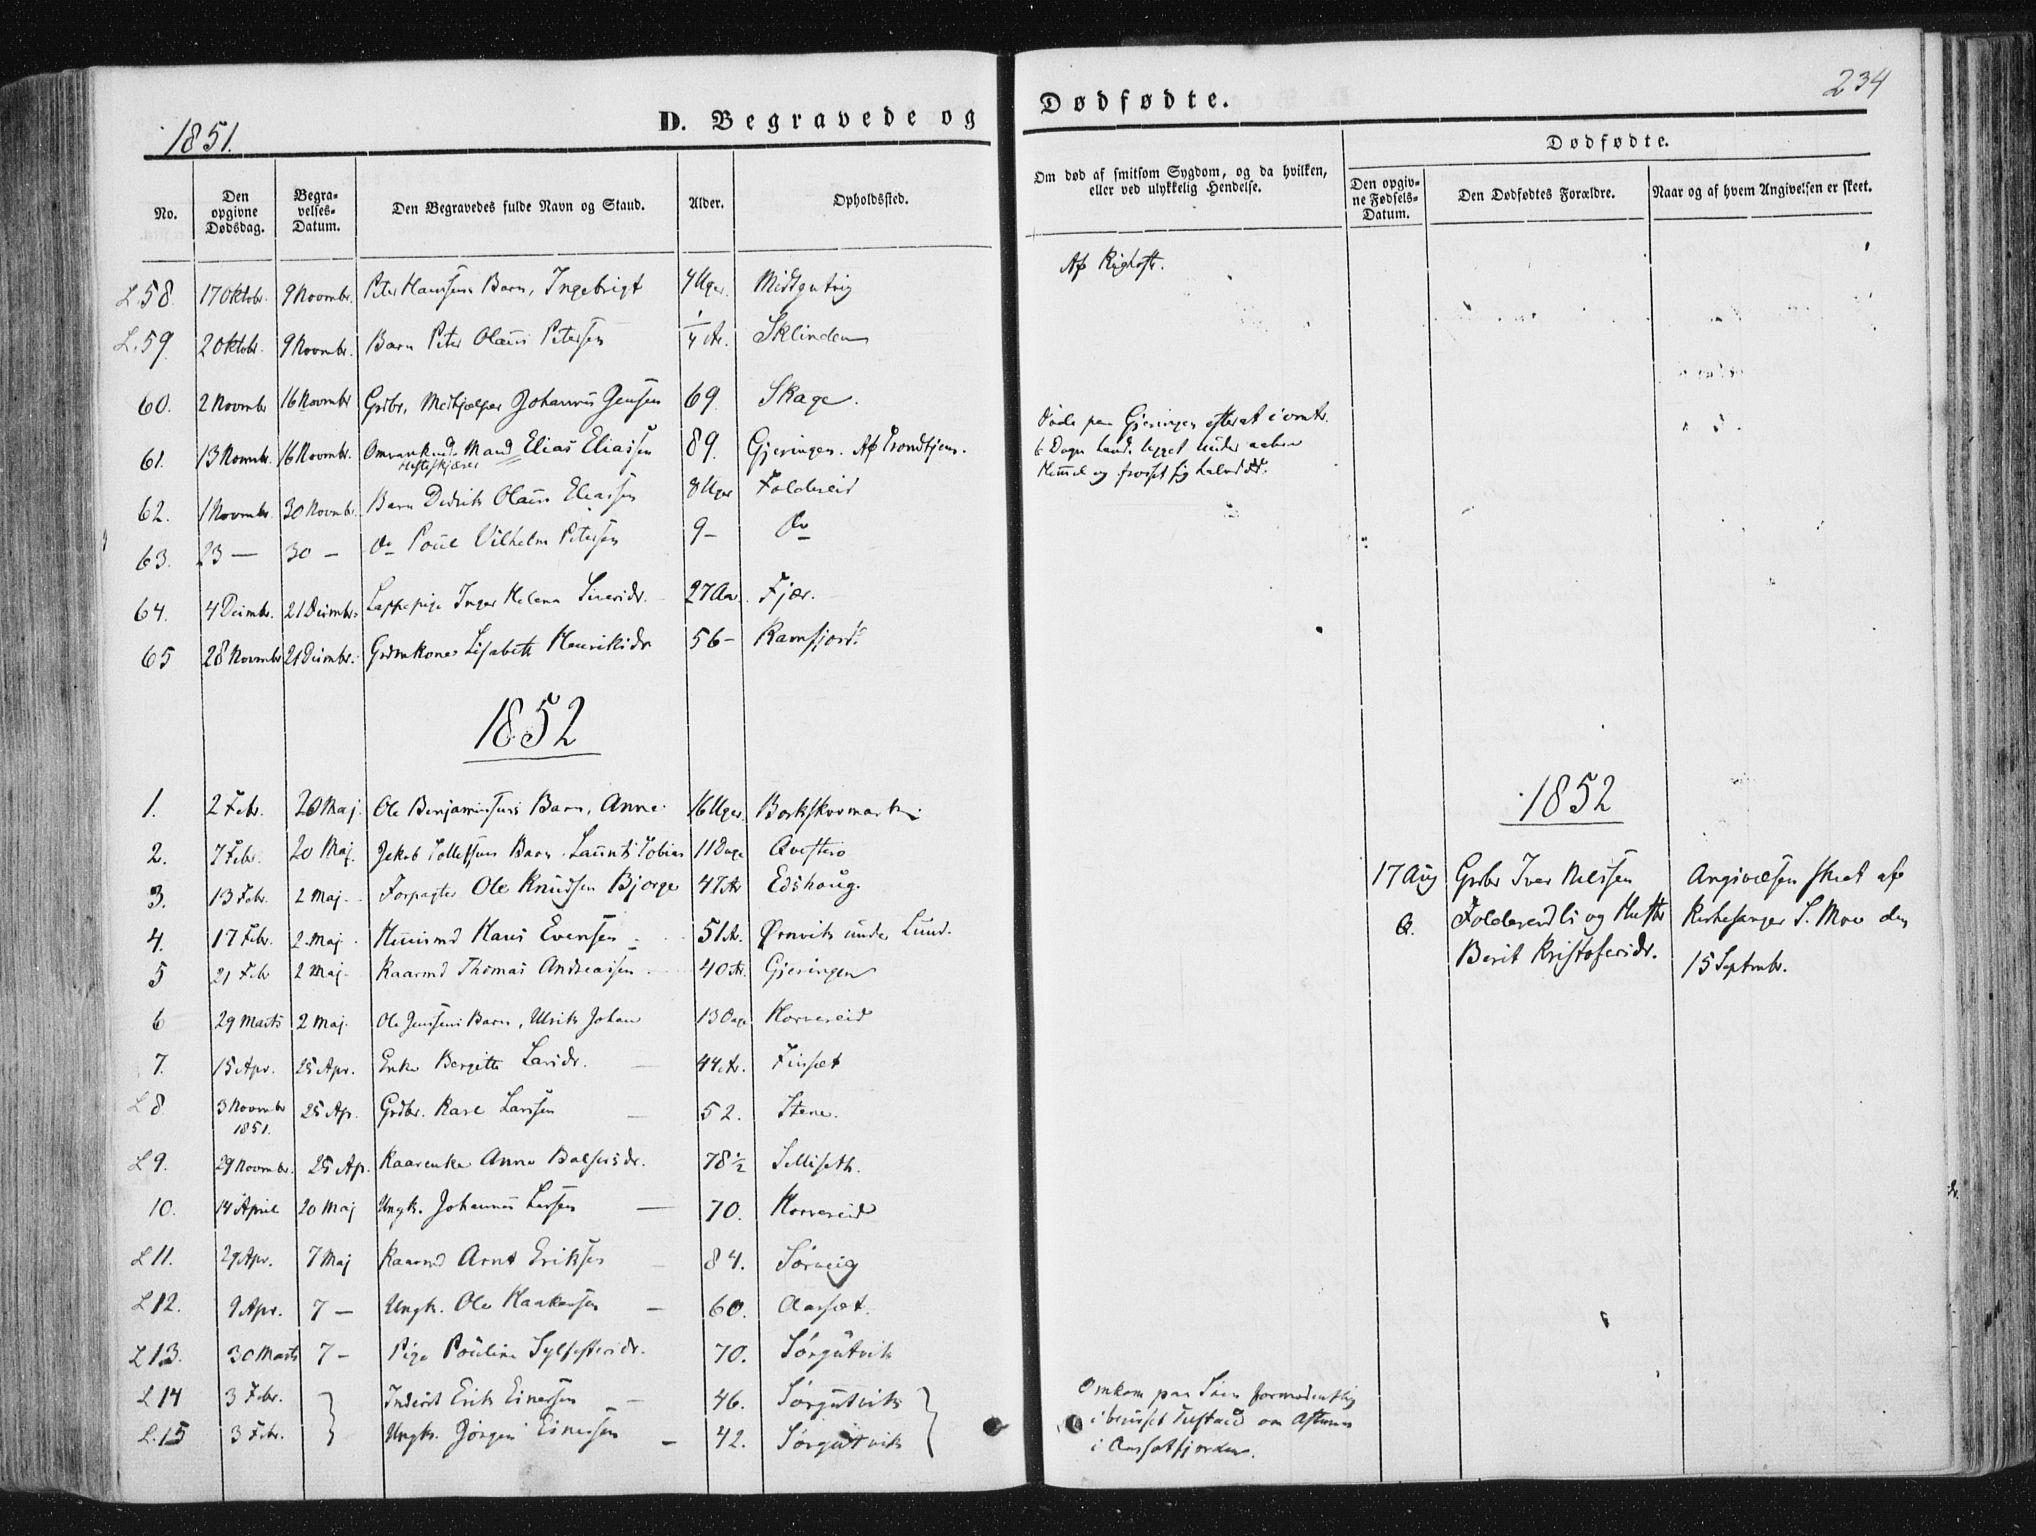 SAT, Ministerialprotokoller, klokkerbøker og fødselsregistre - Nord-Trøndelag, 780/L0640: Ministerialbok nr. 780A05, 1845-1856, s. 234